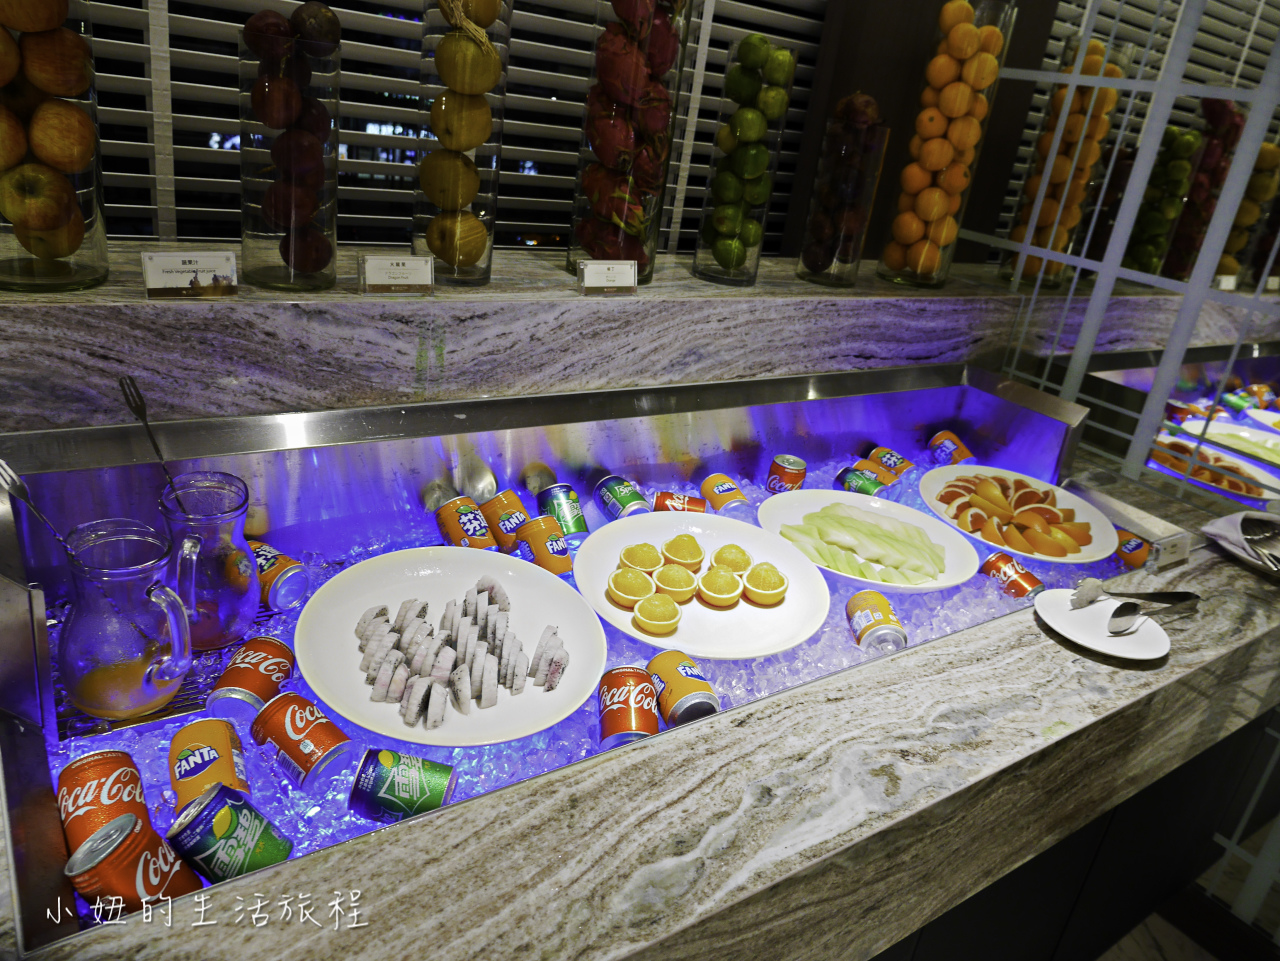 板橋凱撒大飯店,朋派自助餐-5.jpg